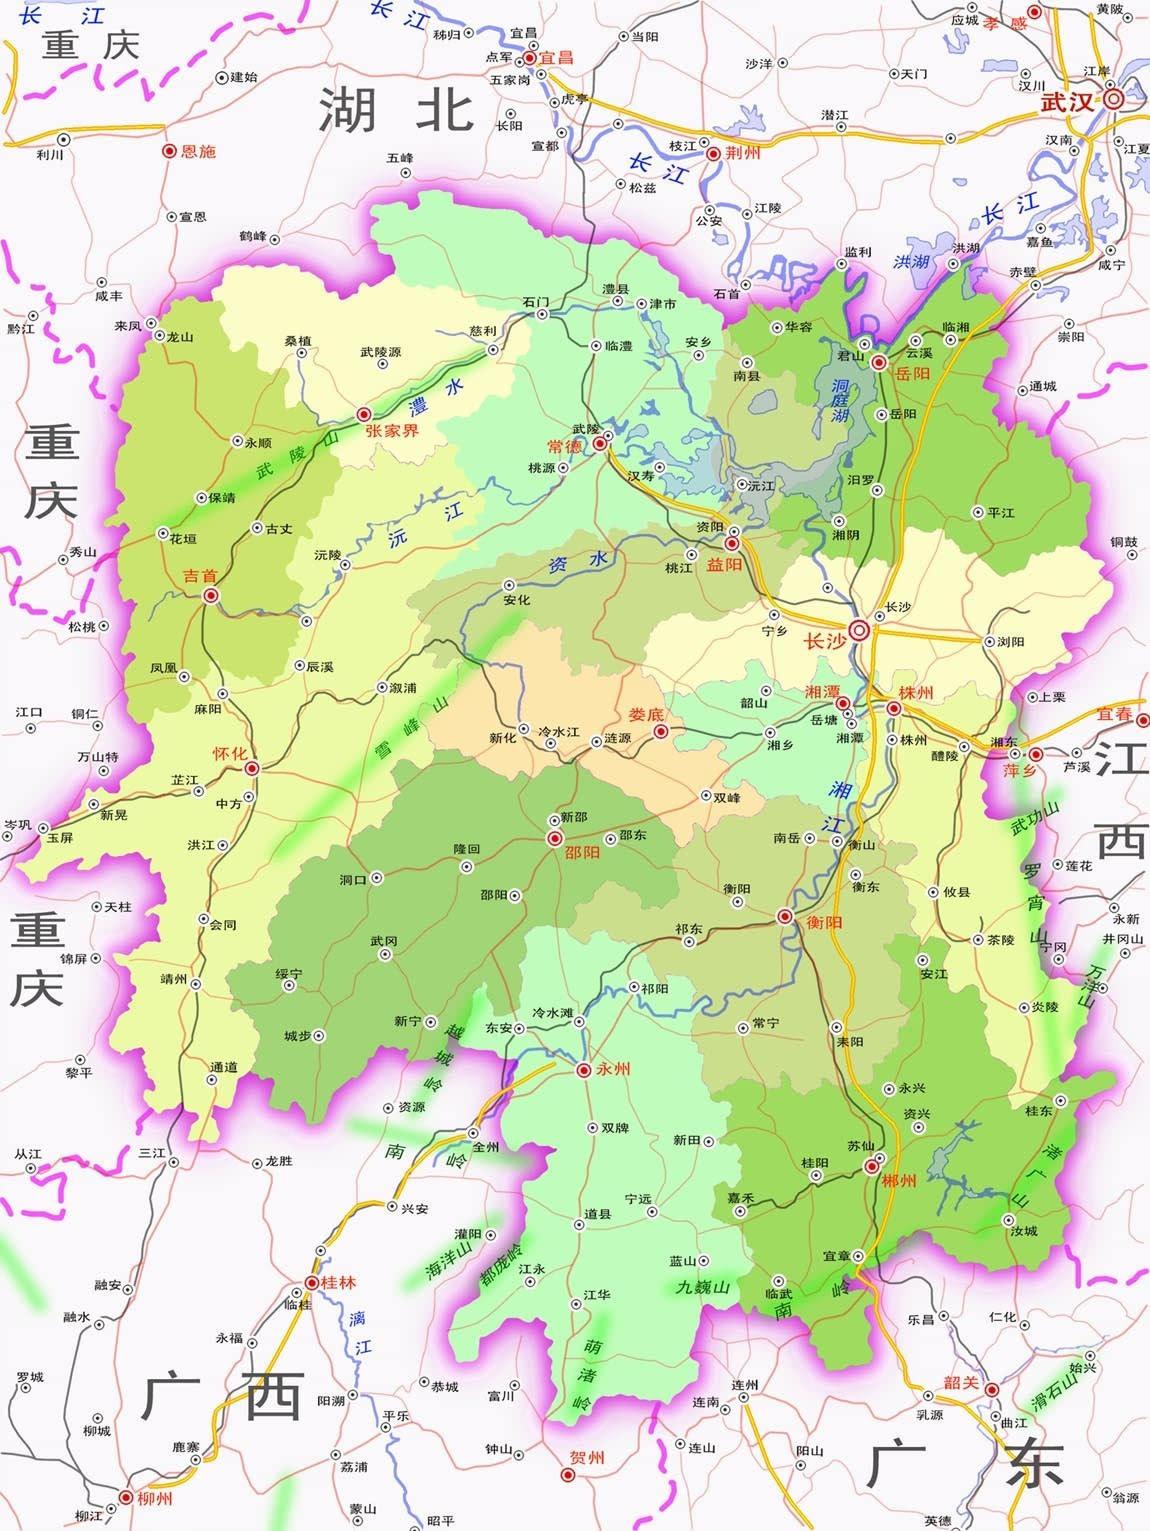 图为湖南行政区划及邻省图